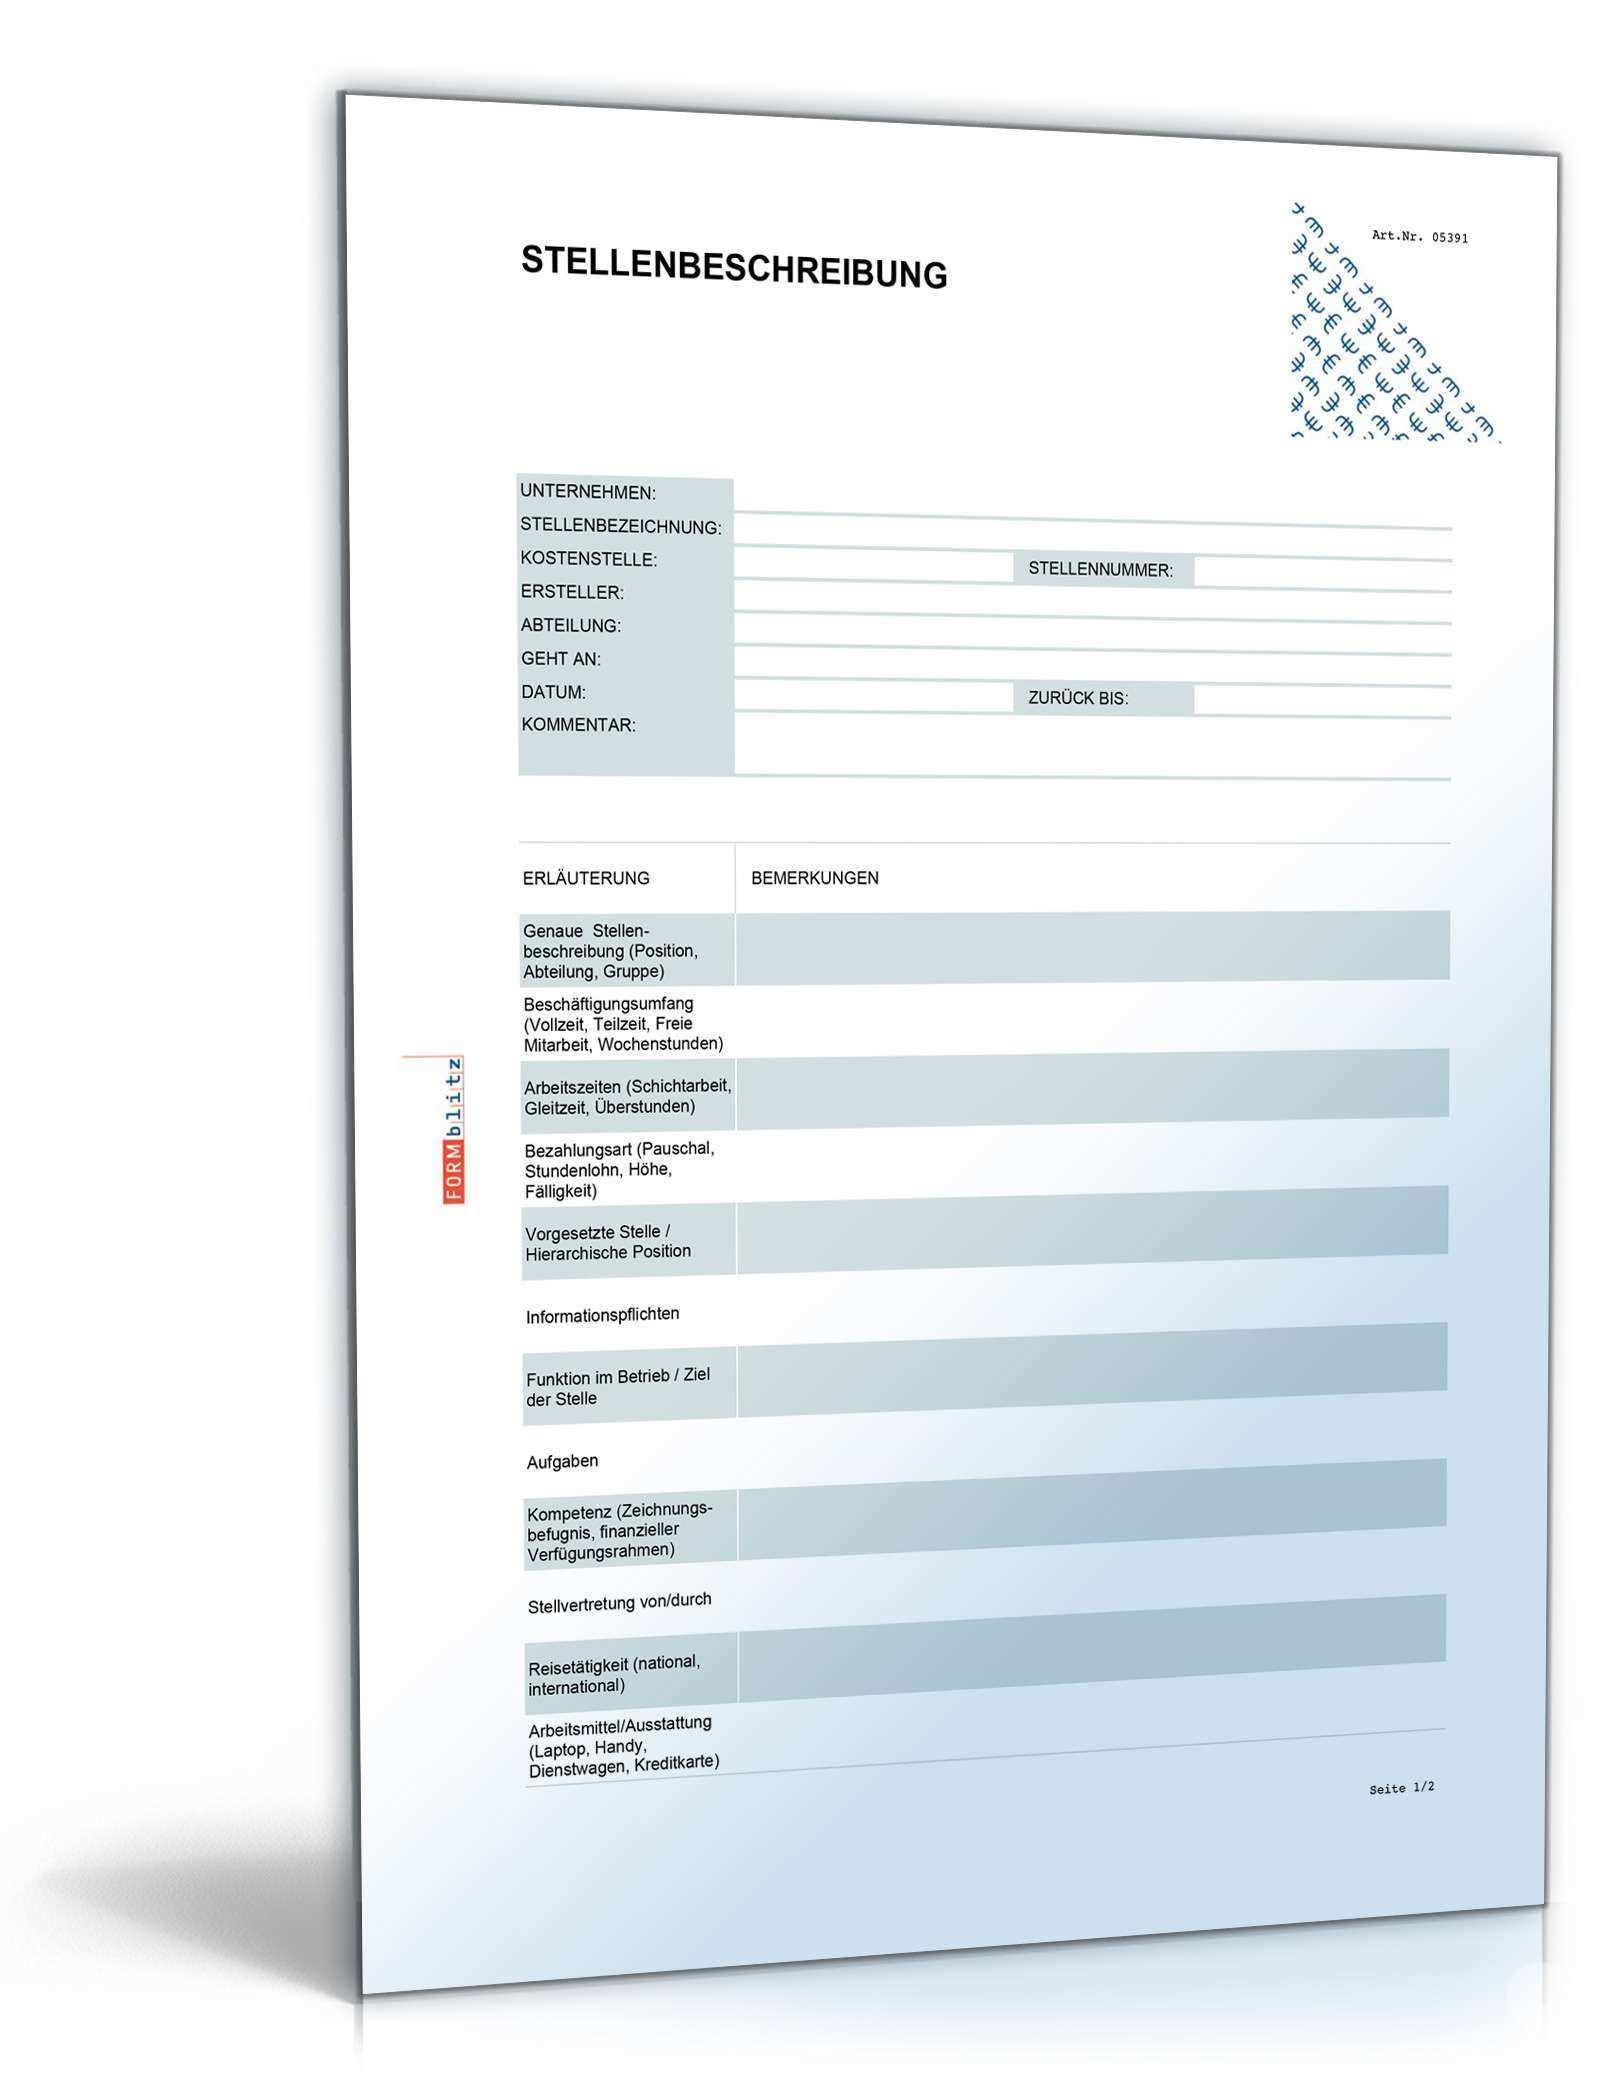 Stellenbeschreibung Blanko Formular Vorlage Zum Download